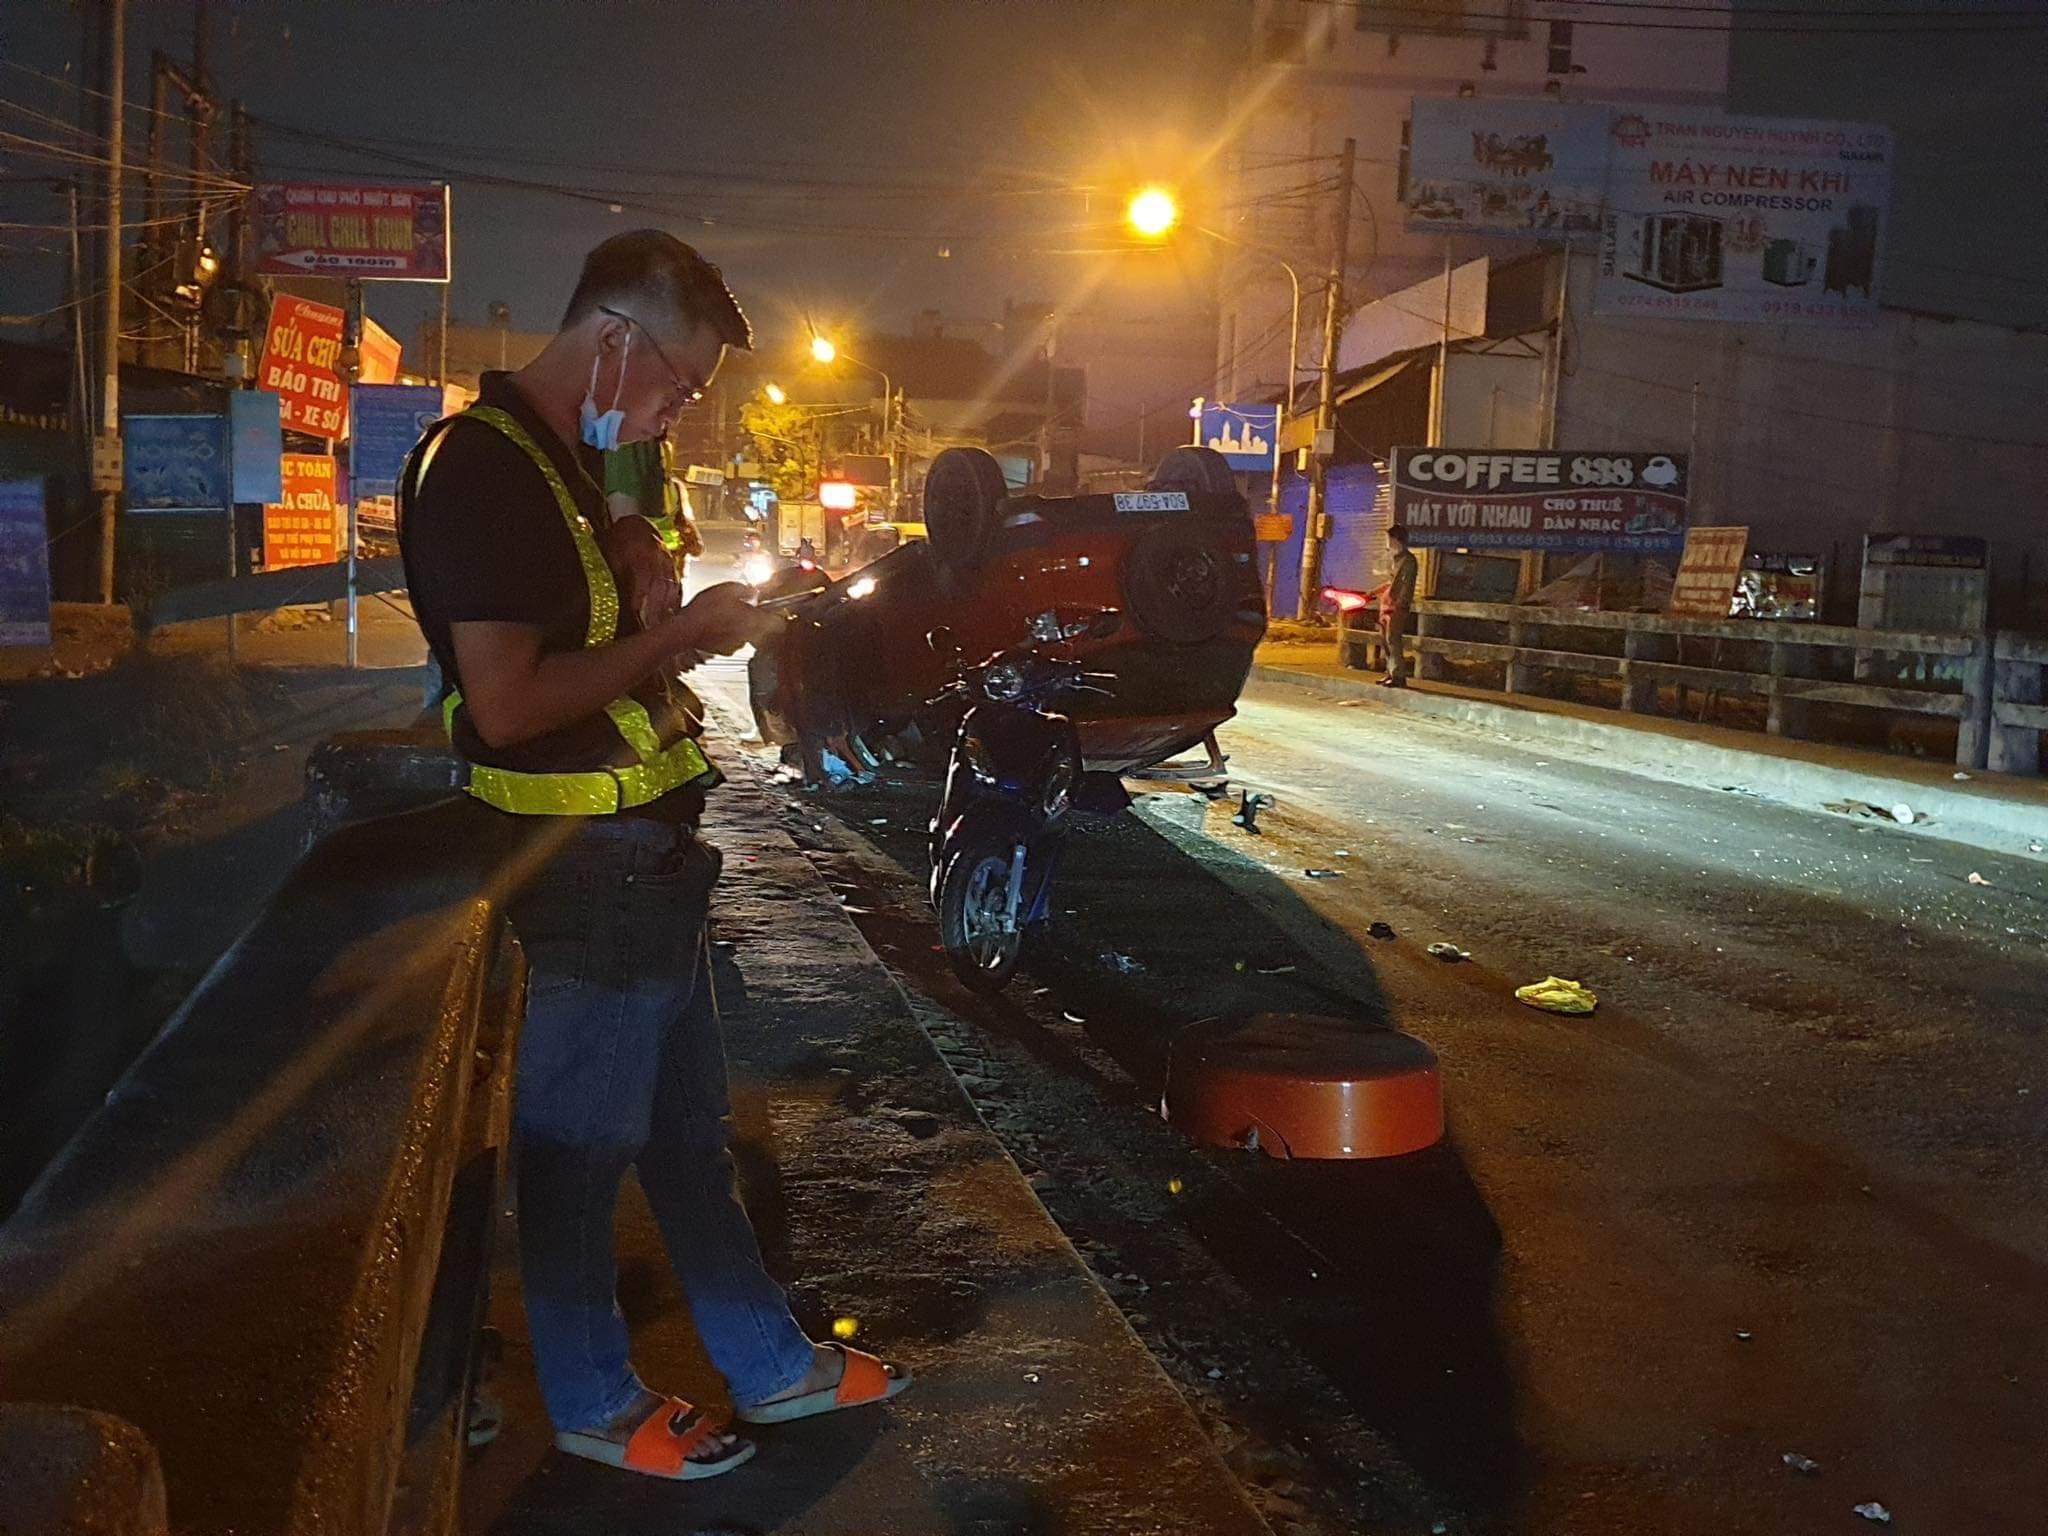 Ô tô lật ngửa giữa đường, tài xế người nước ngoài may mắn thoát chết Ảnh 1